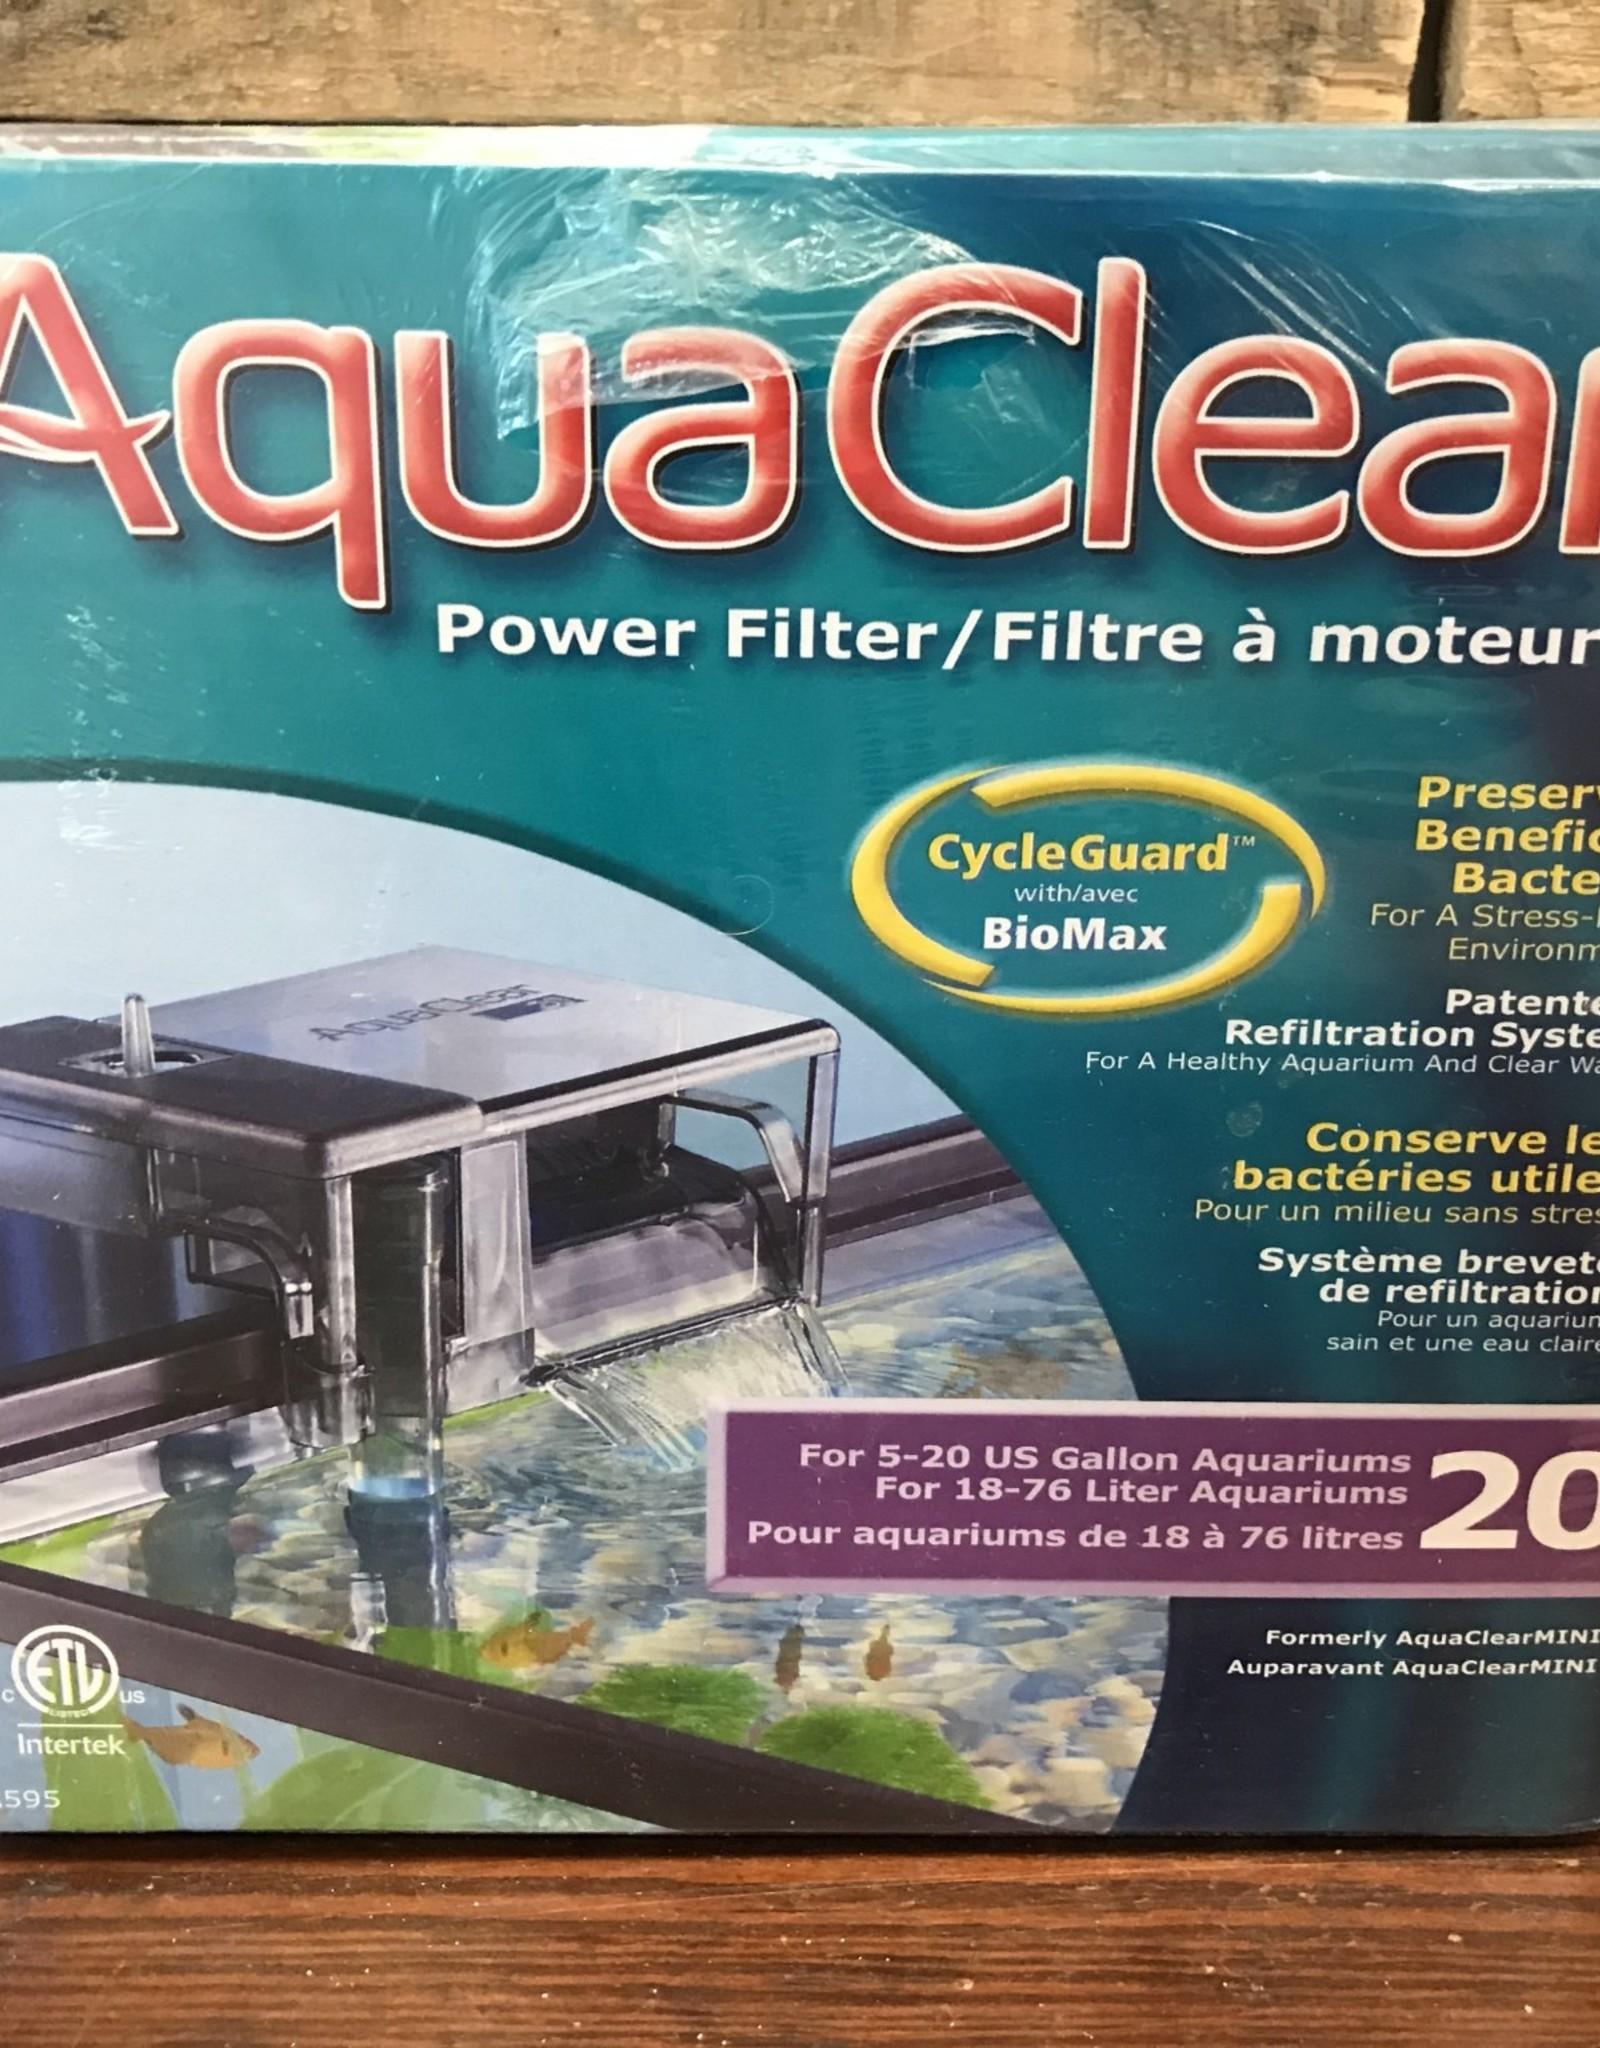 Hagen AquaClear 20 Power Filter